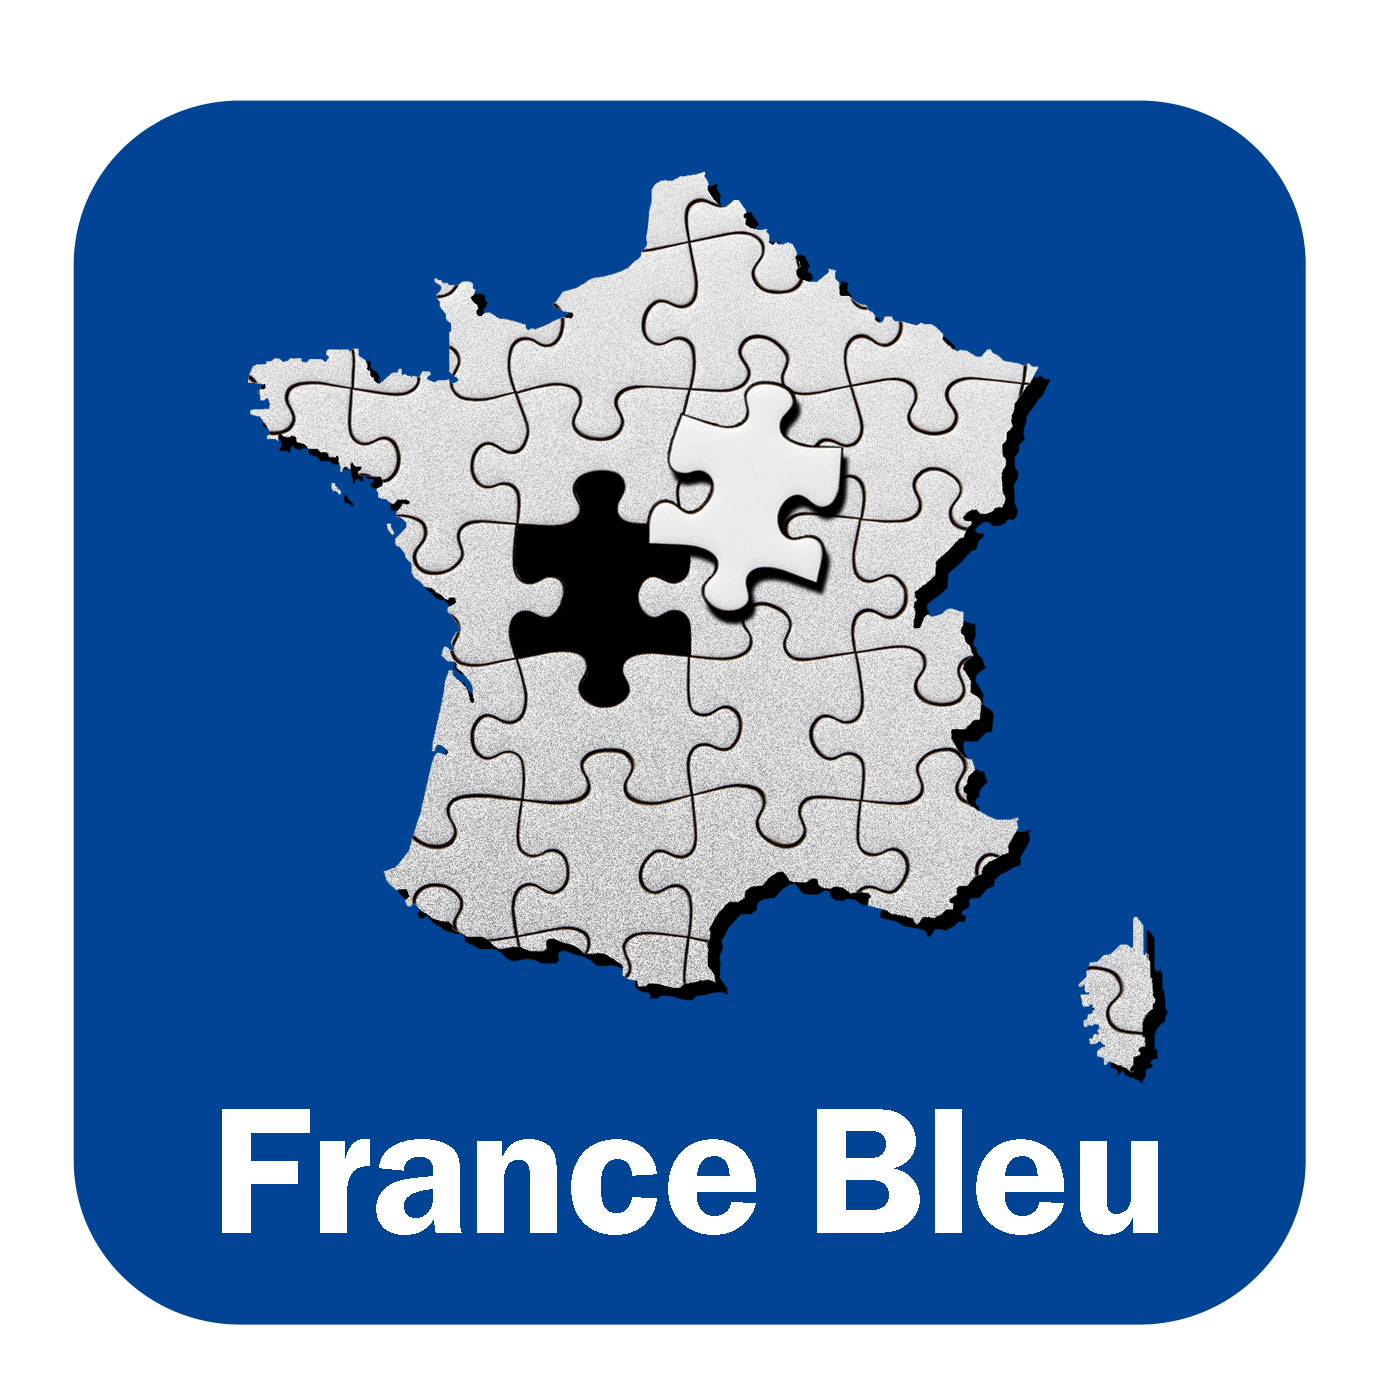 Le marché du jour France Bleu 107.1